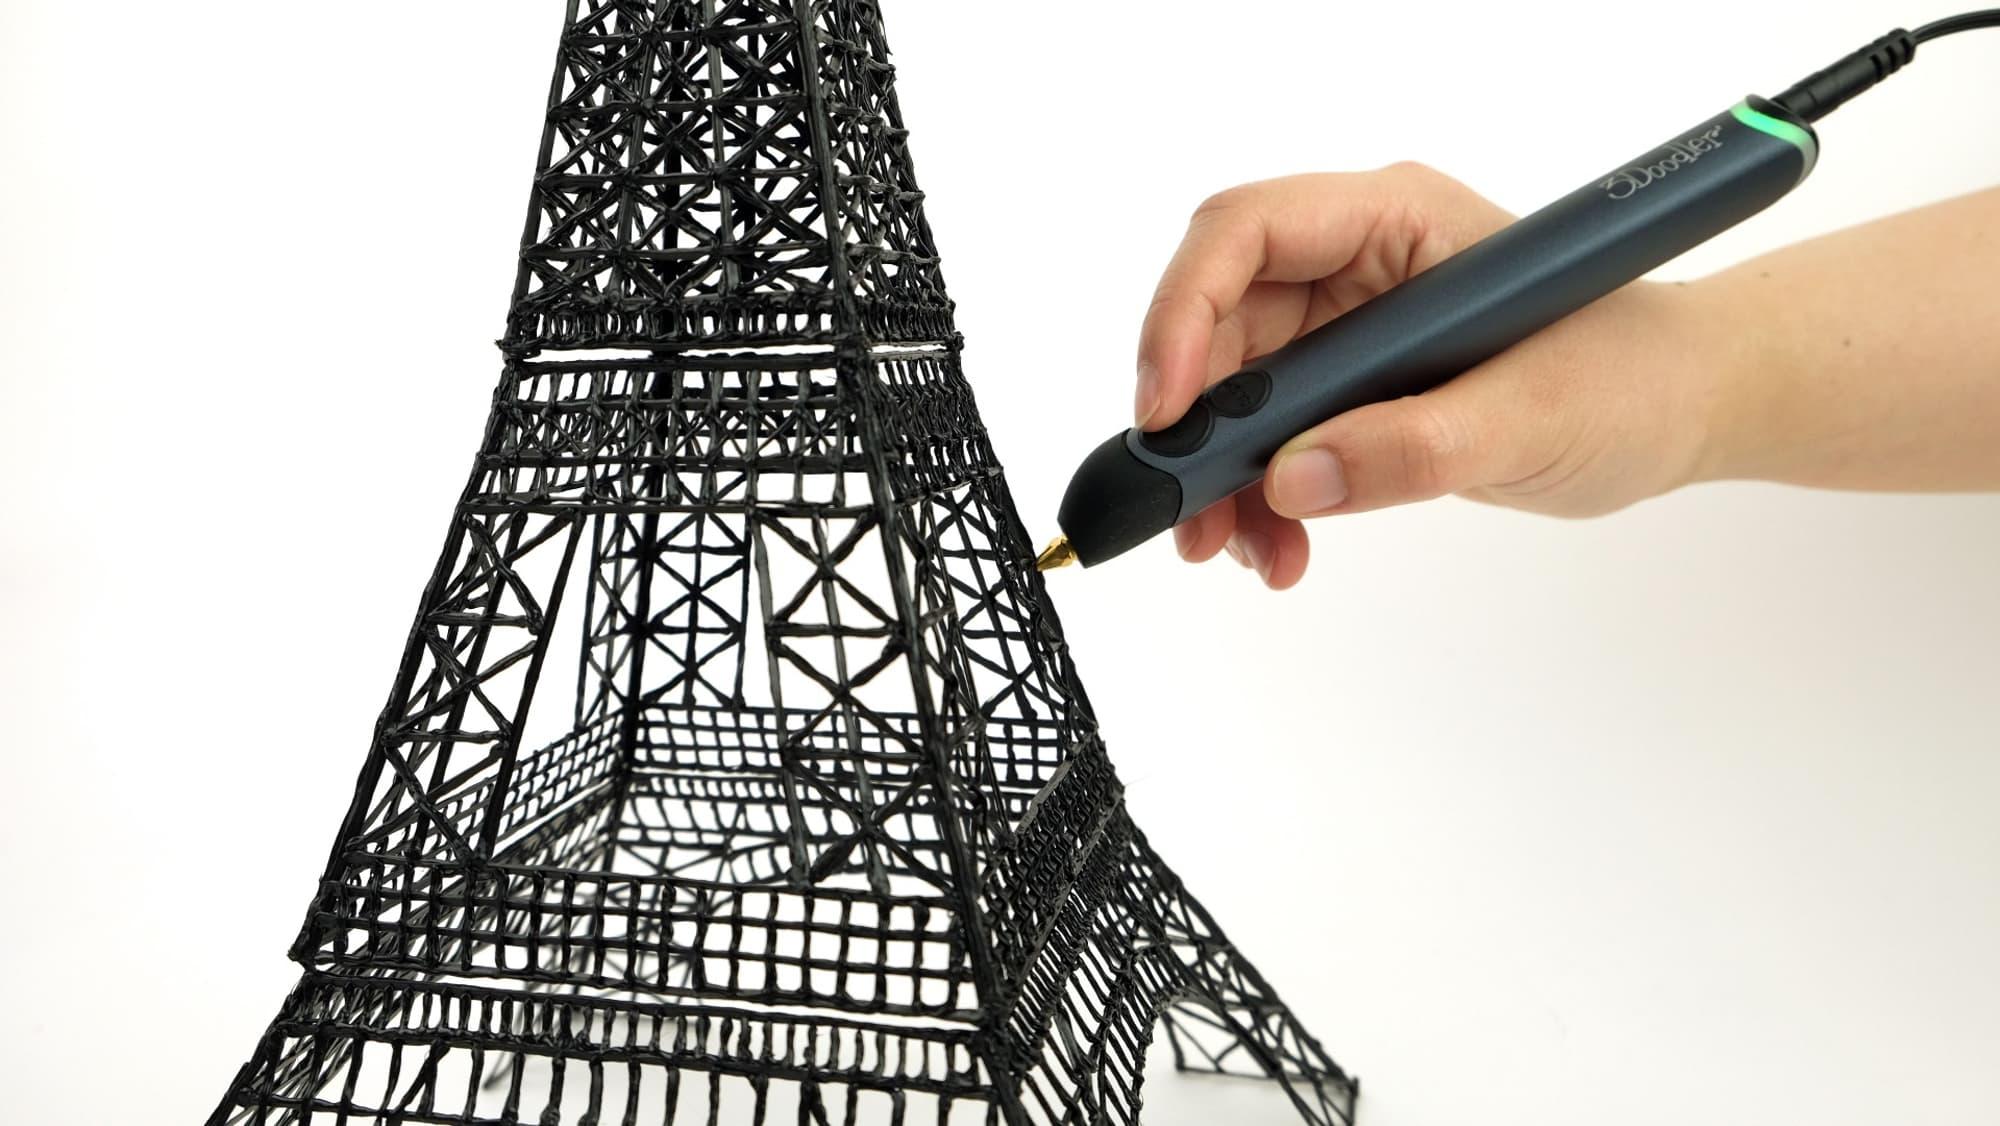 3D-ручки – компактные 3D-принтеры с огромными возможностями